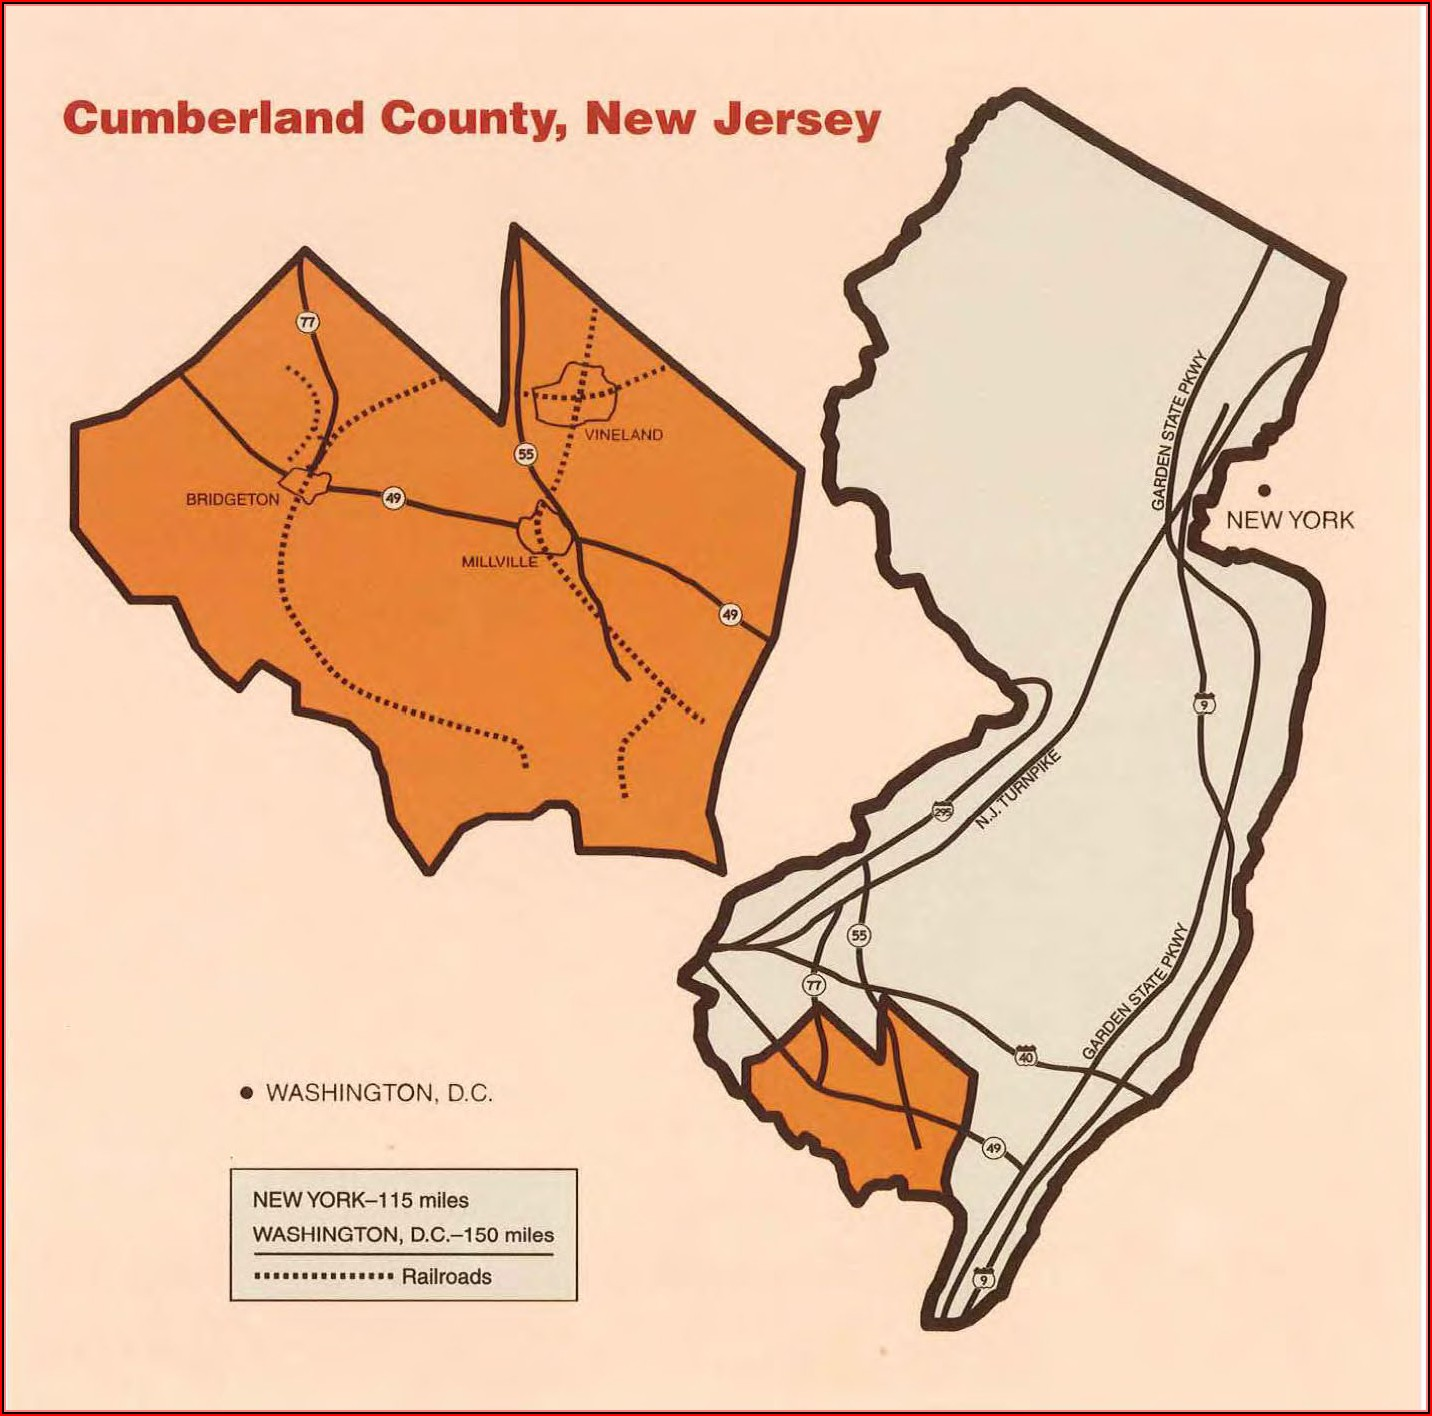 Map Of Cumberland County Nj Municipalities